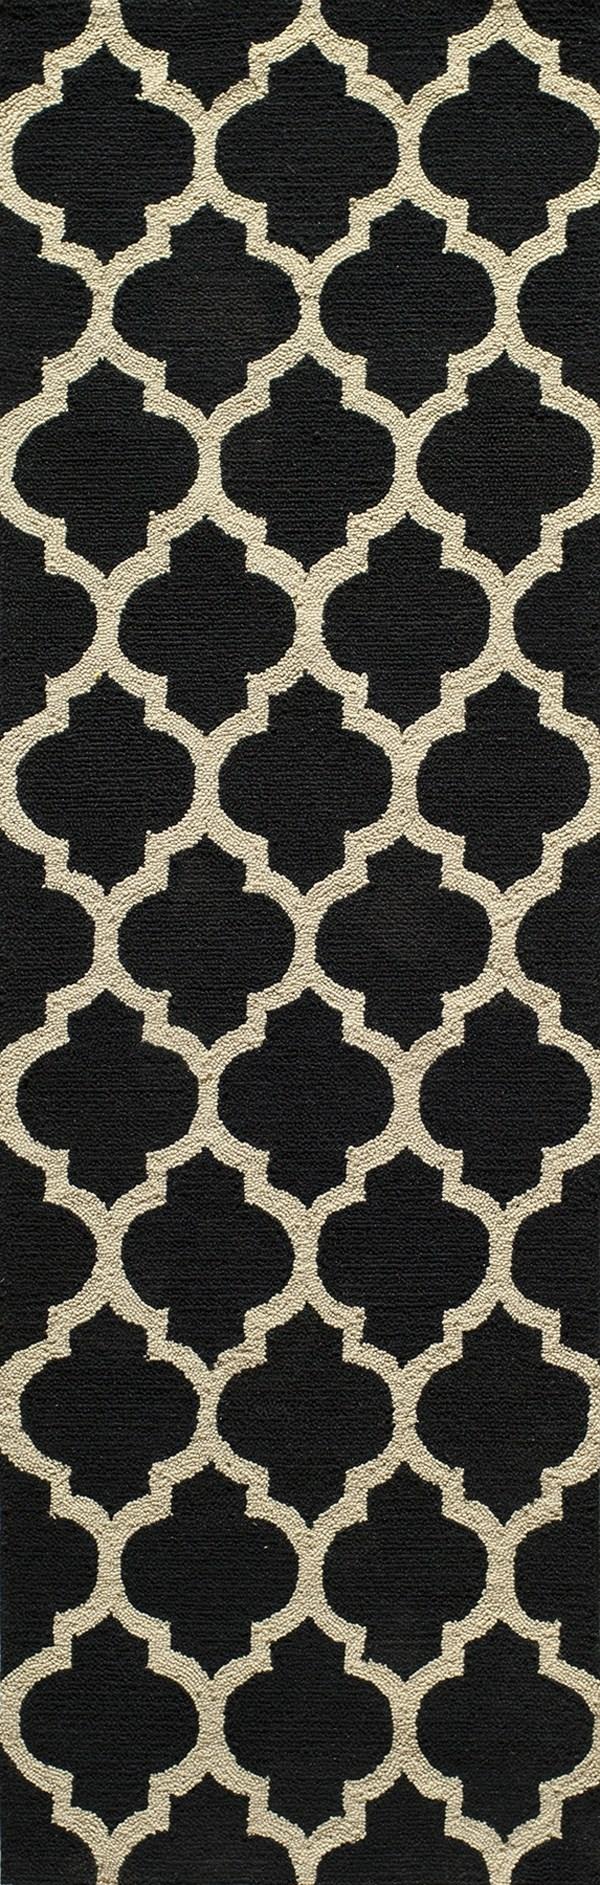 Black Moroccan Area Rug